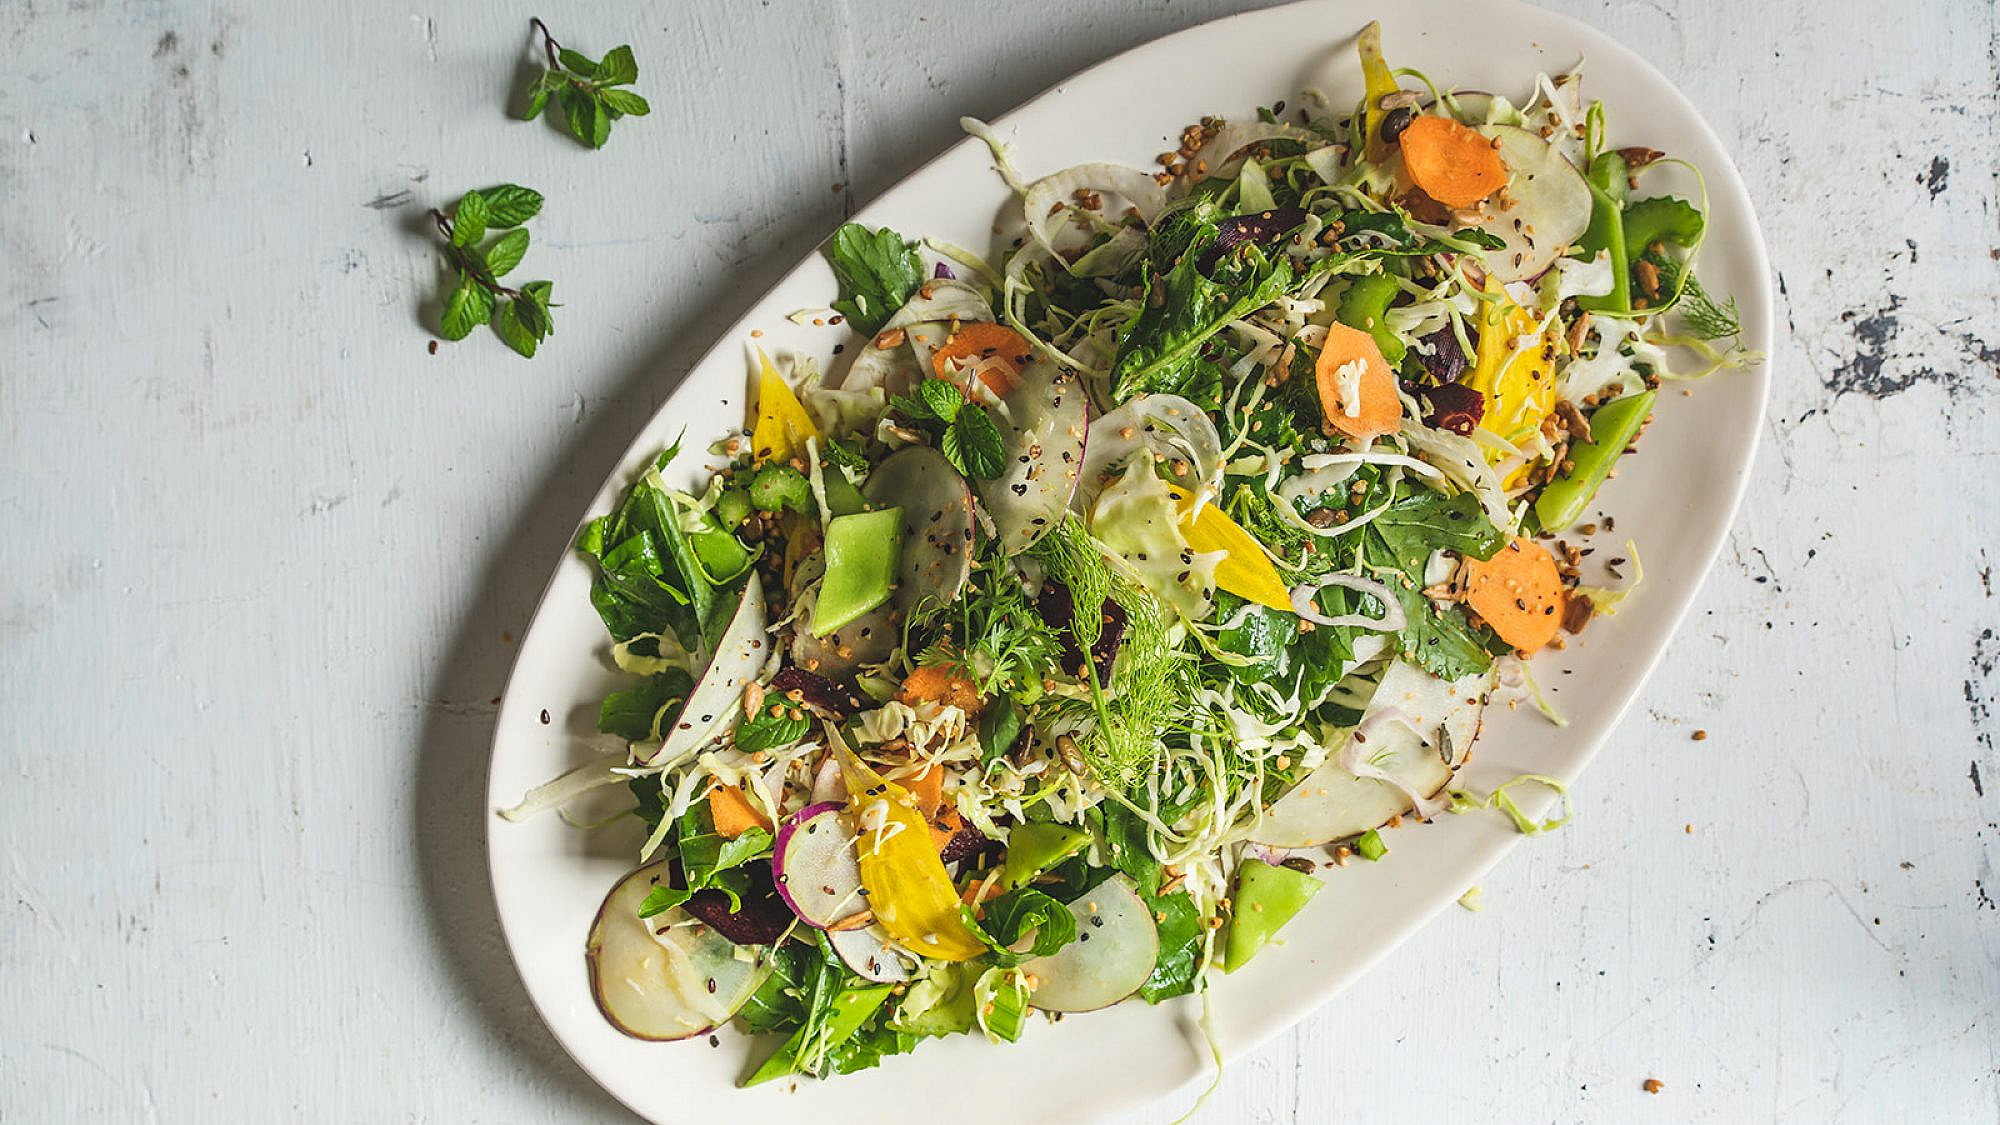 סלט ירקות הכל של רינת צדוק. צילום: שני בריל